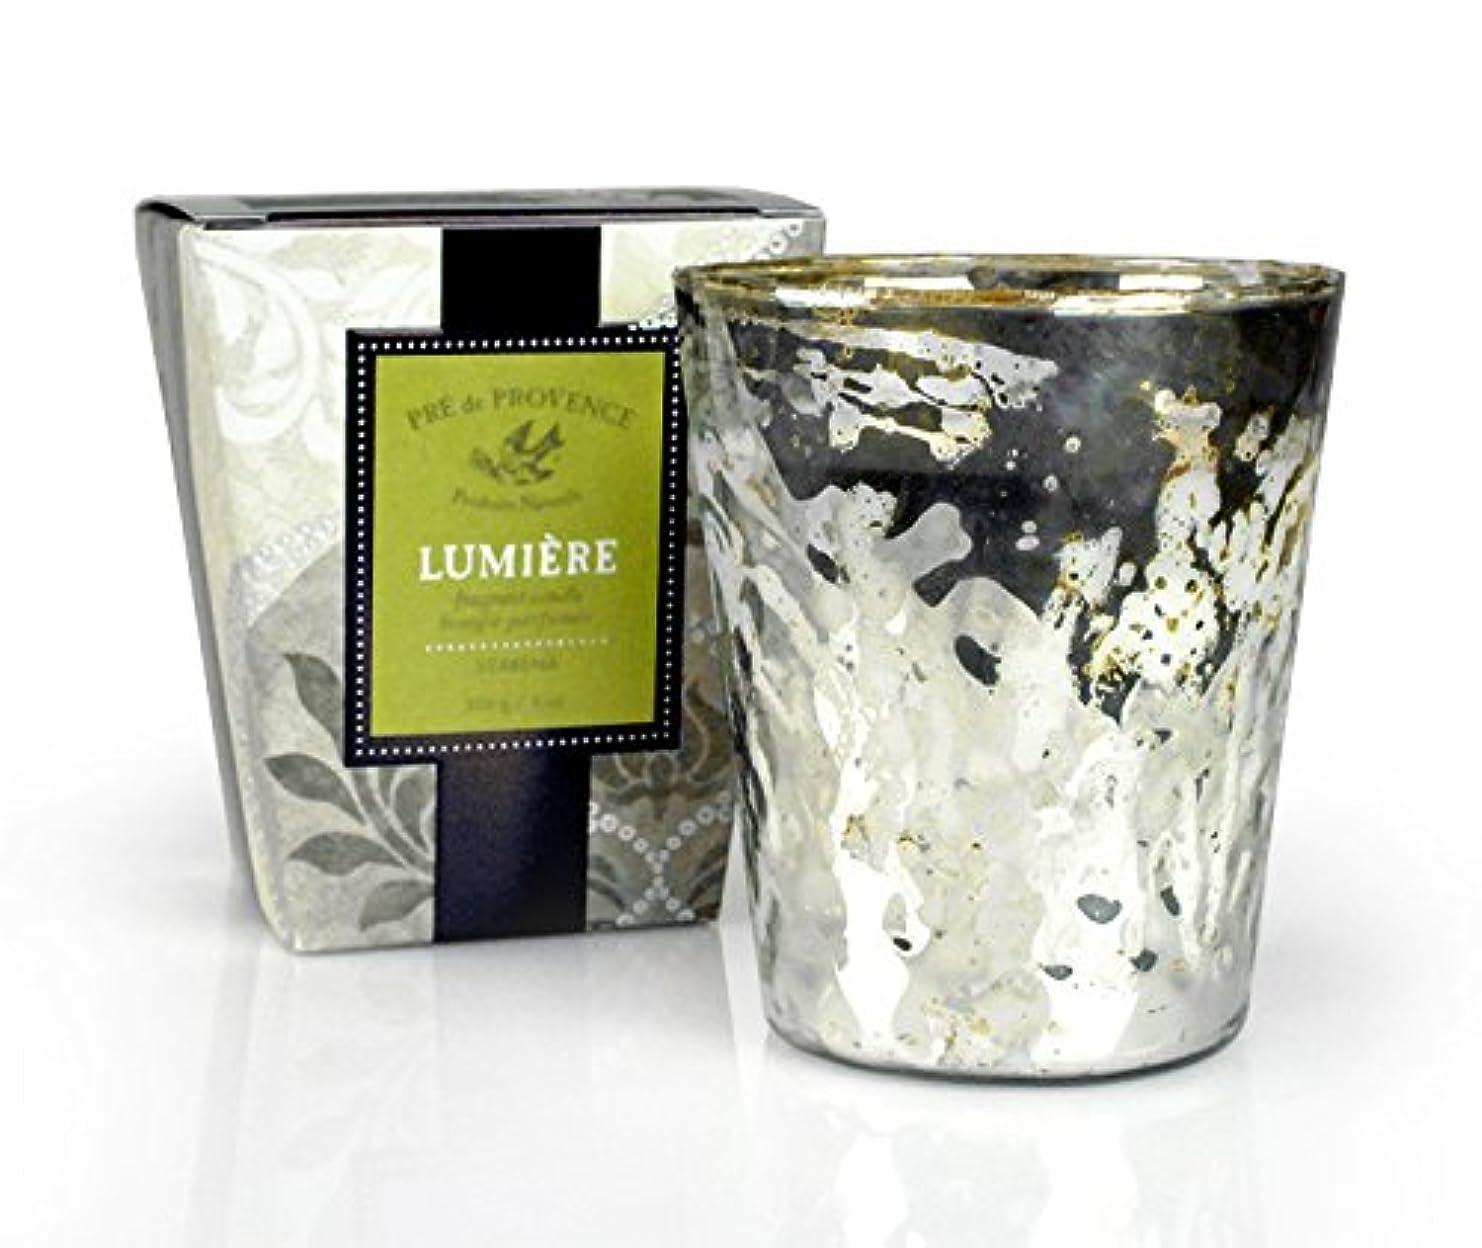 バイバイ画家提出するPRE de PROVENCE ルミエール フレグラントキャンドル バーベナ VERBENA プレ ドゥ プロヴァンス Lumiere Fragrant Candle Collection